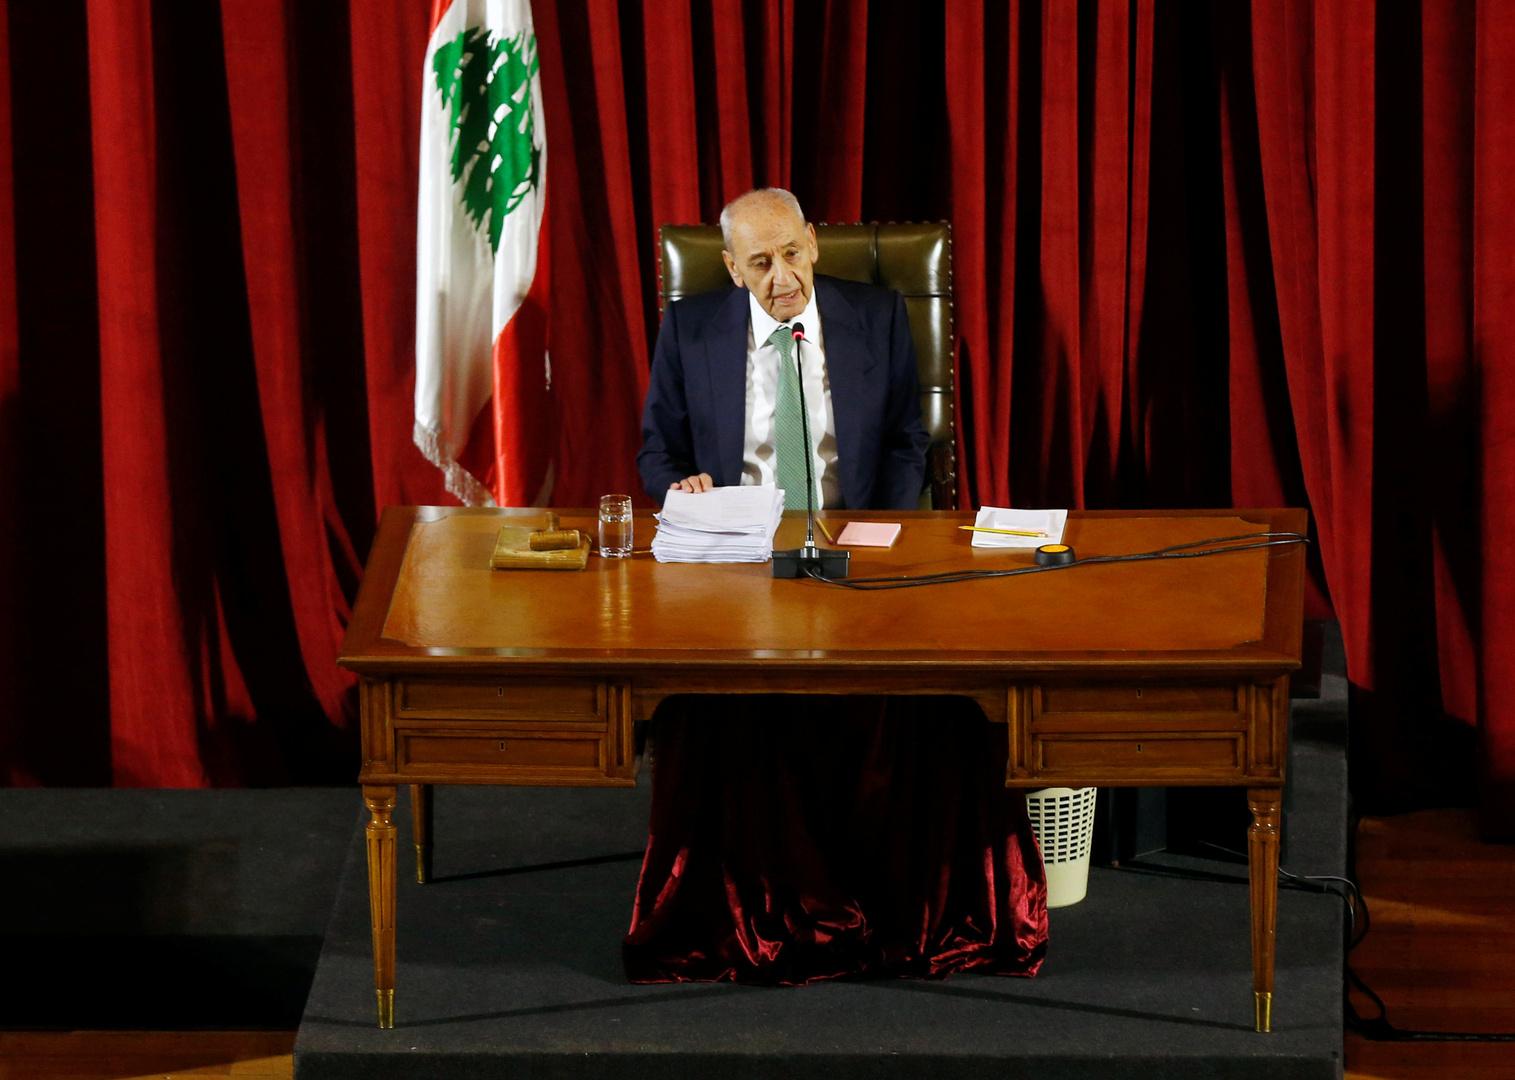 لبنان يتوصل لاتفاق إطار يرسم الطريق لترسيم الحدود البرية والبحرية مع إسرائيل